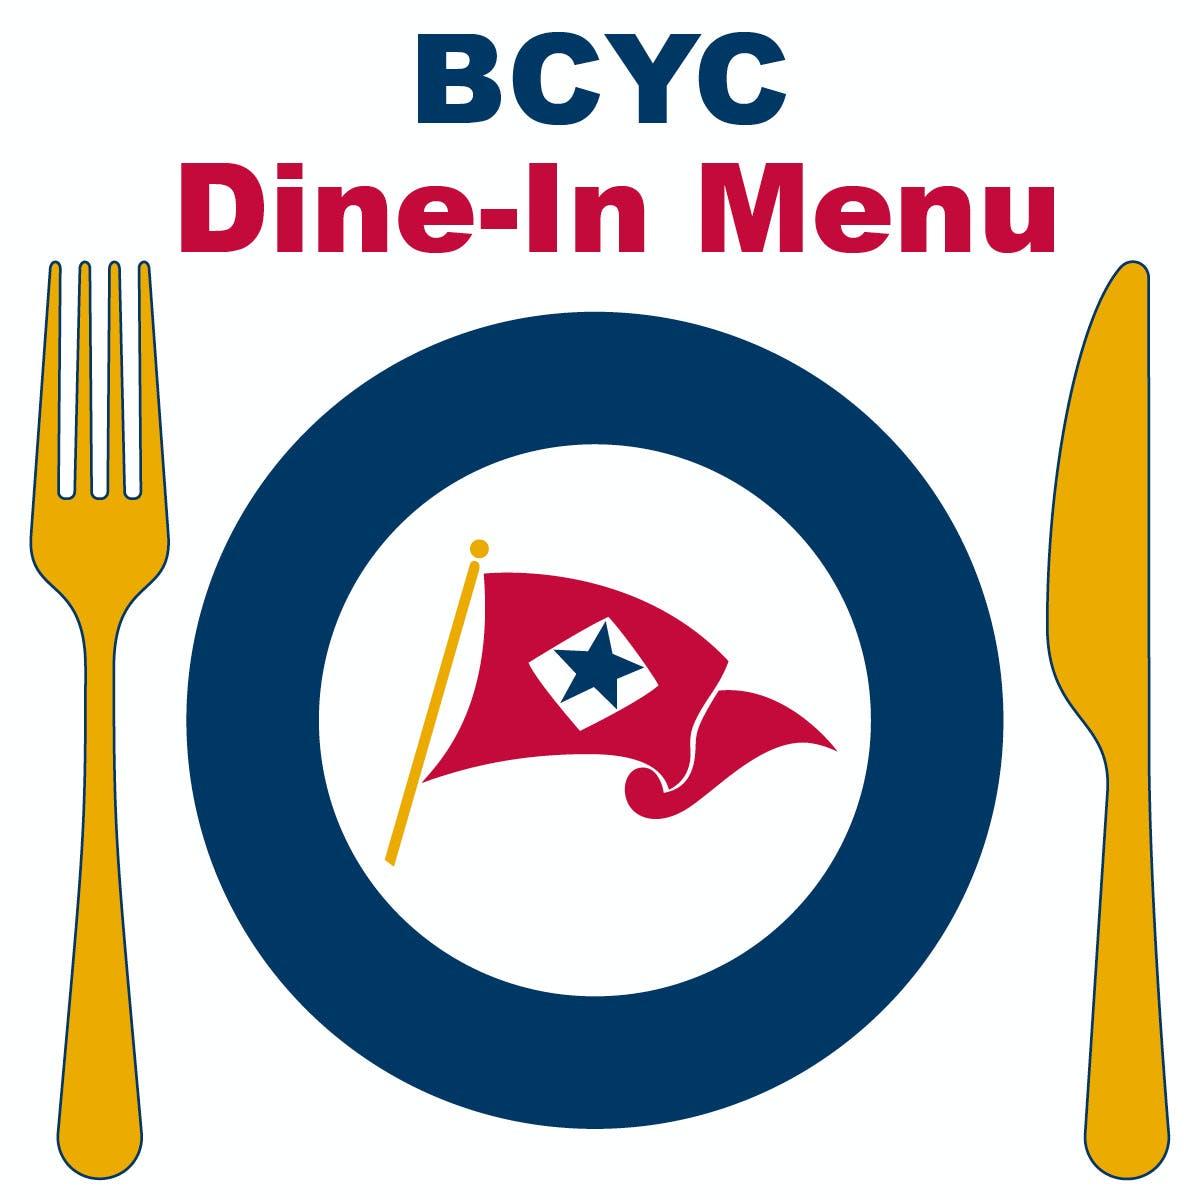 BCYC Dine-In Menu